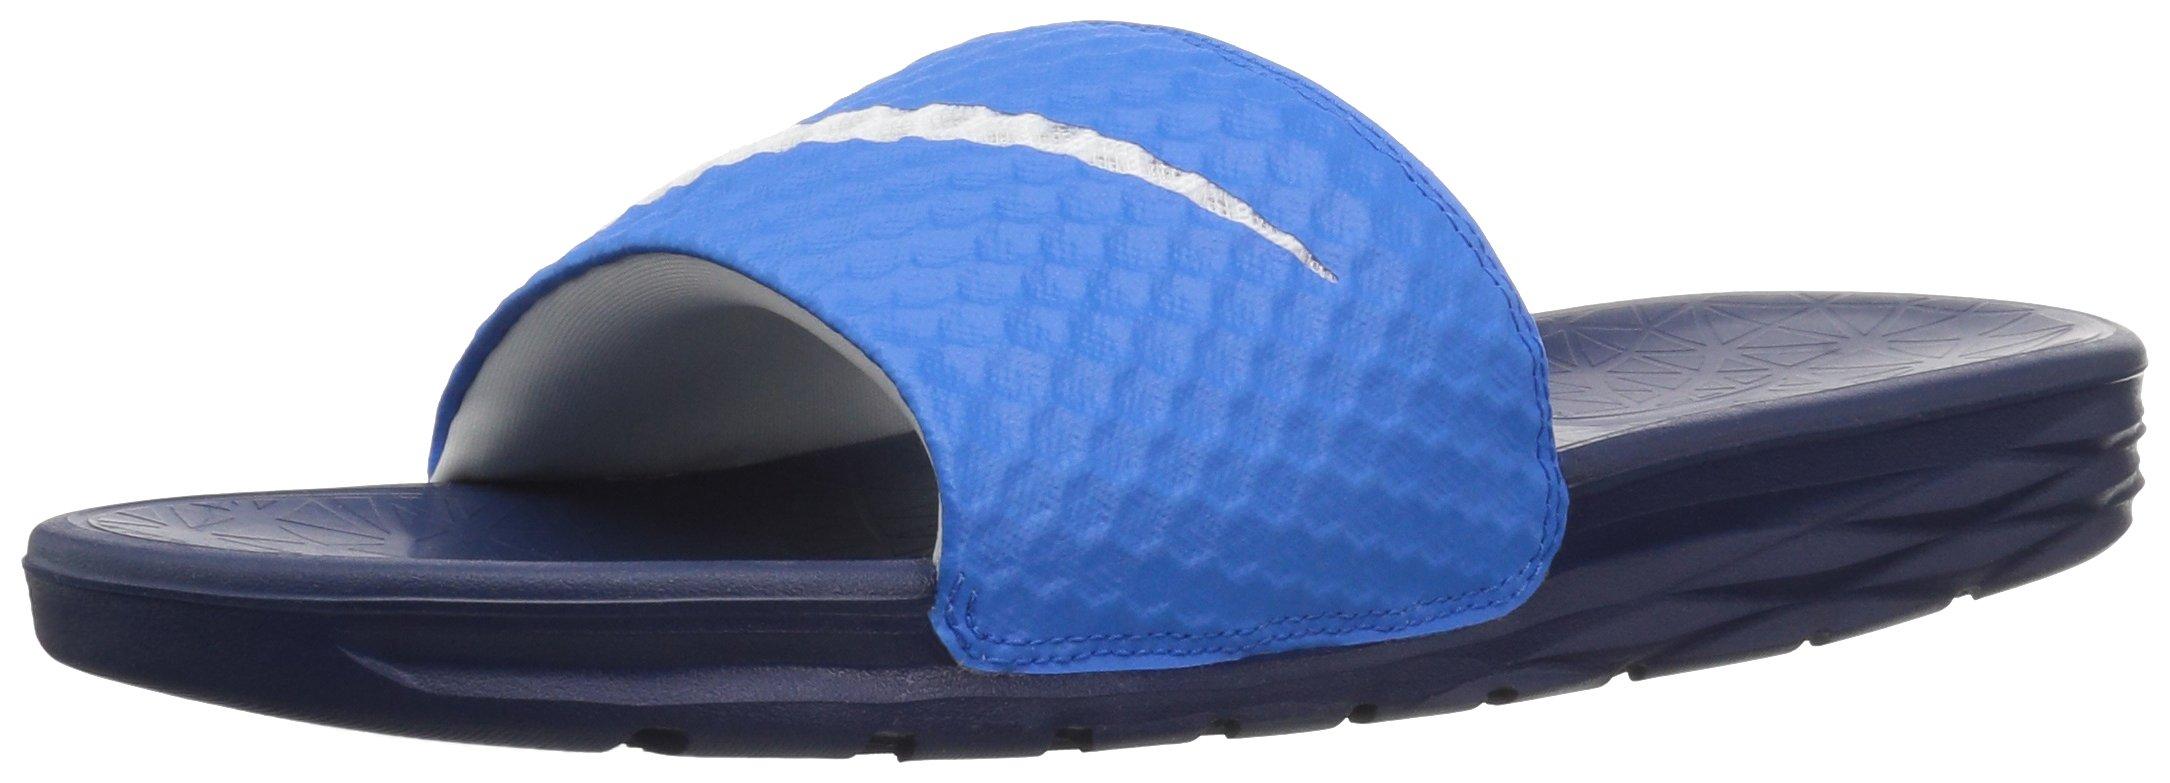 8fe609bcd735 Galleon - NIKE Men s Benassi Solarsoft Slide Sandal